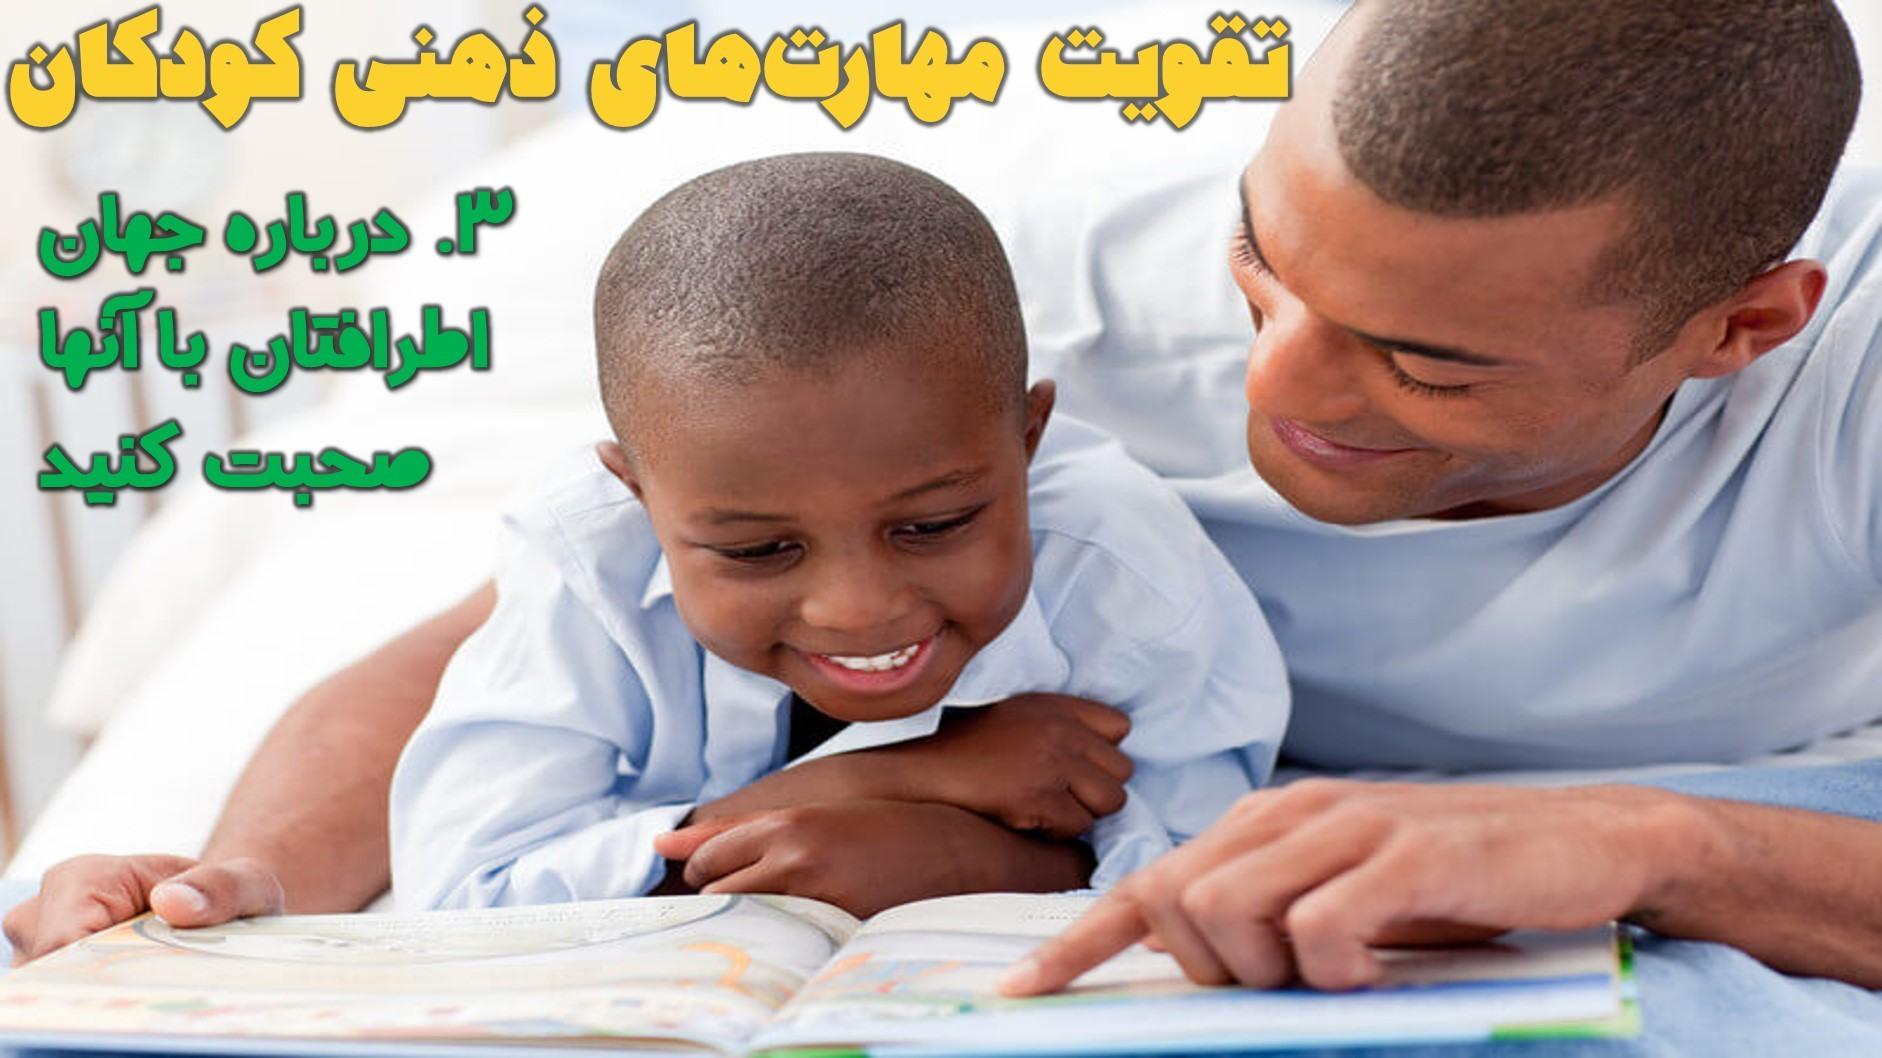 آشنایی با جهان اطراف برای تقویت مهارتهای ذهنی کودکان